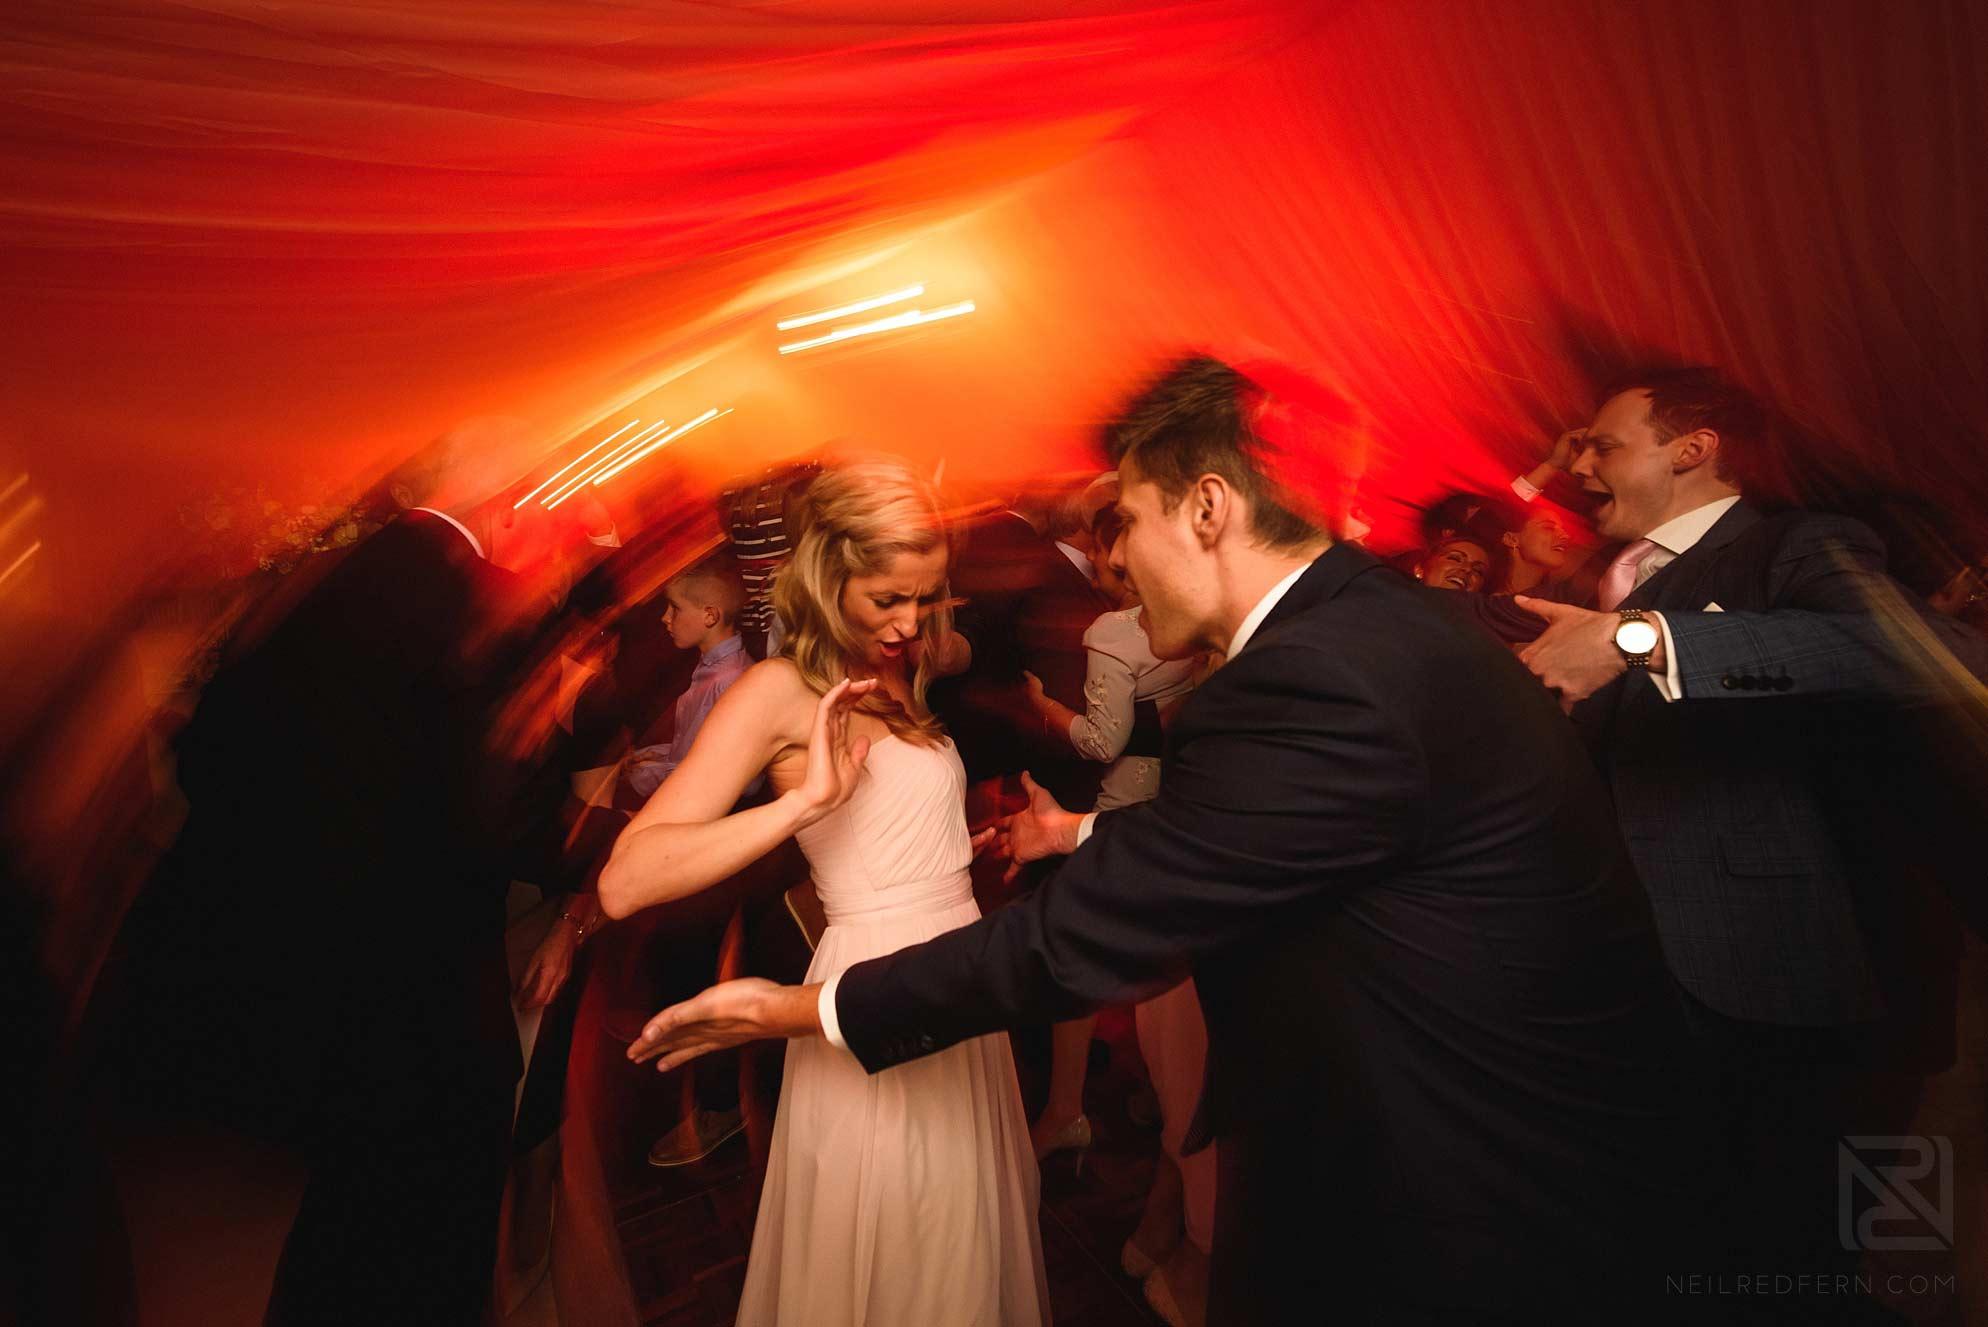 Nanteos-Mansion-wedding-photographs-55